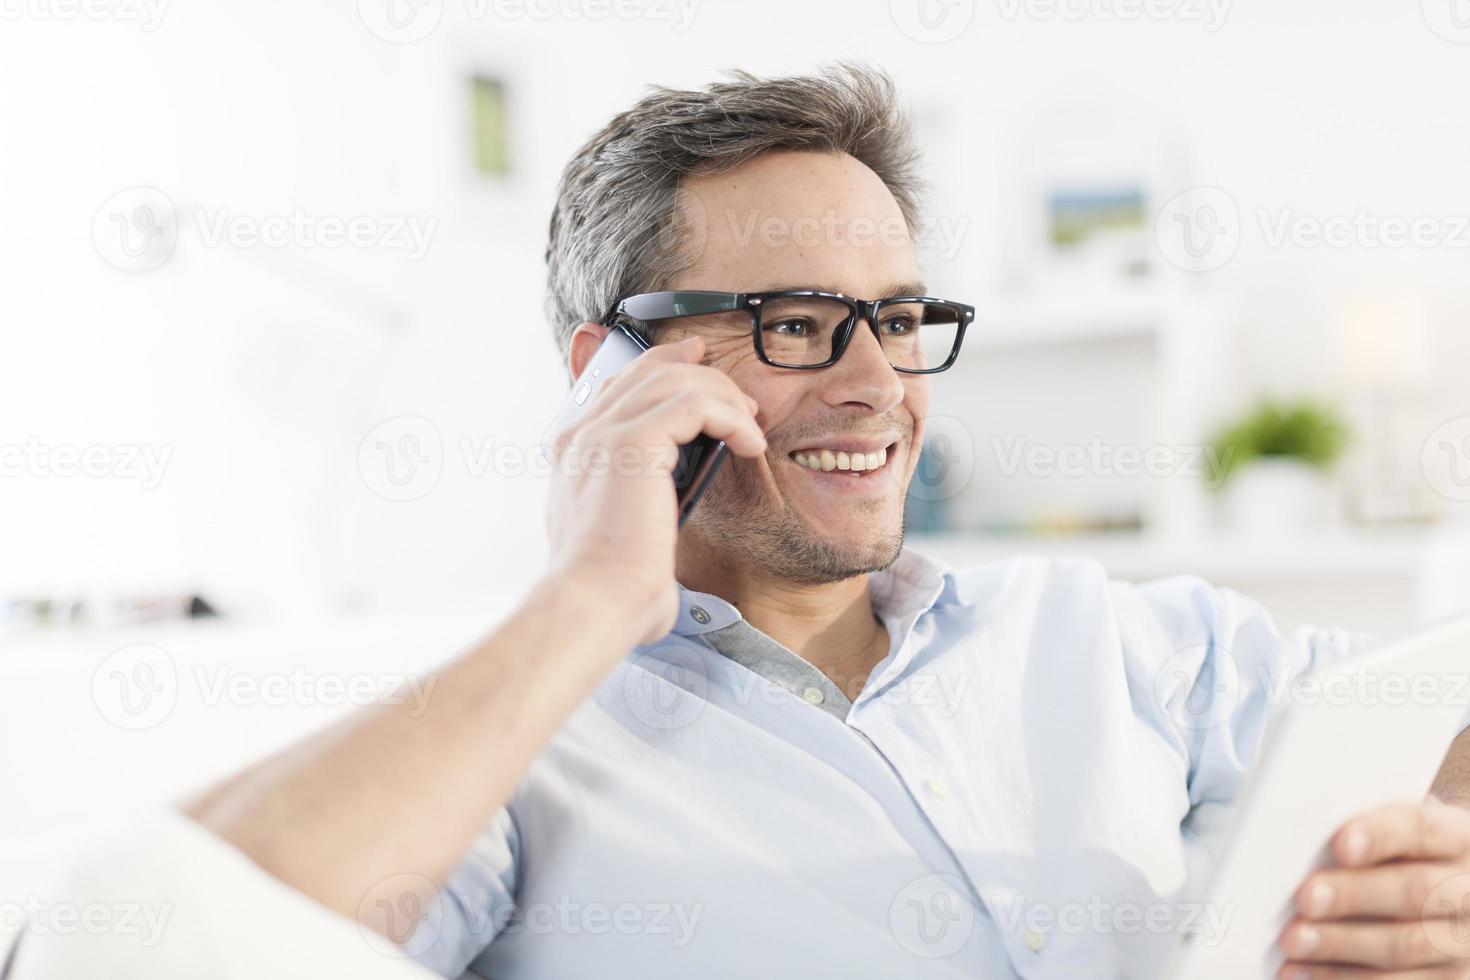 Porträt Nahaufnahme auf einem Mann am Telefon foto